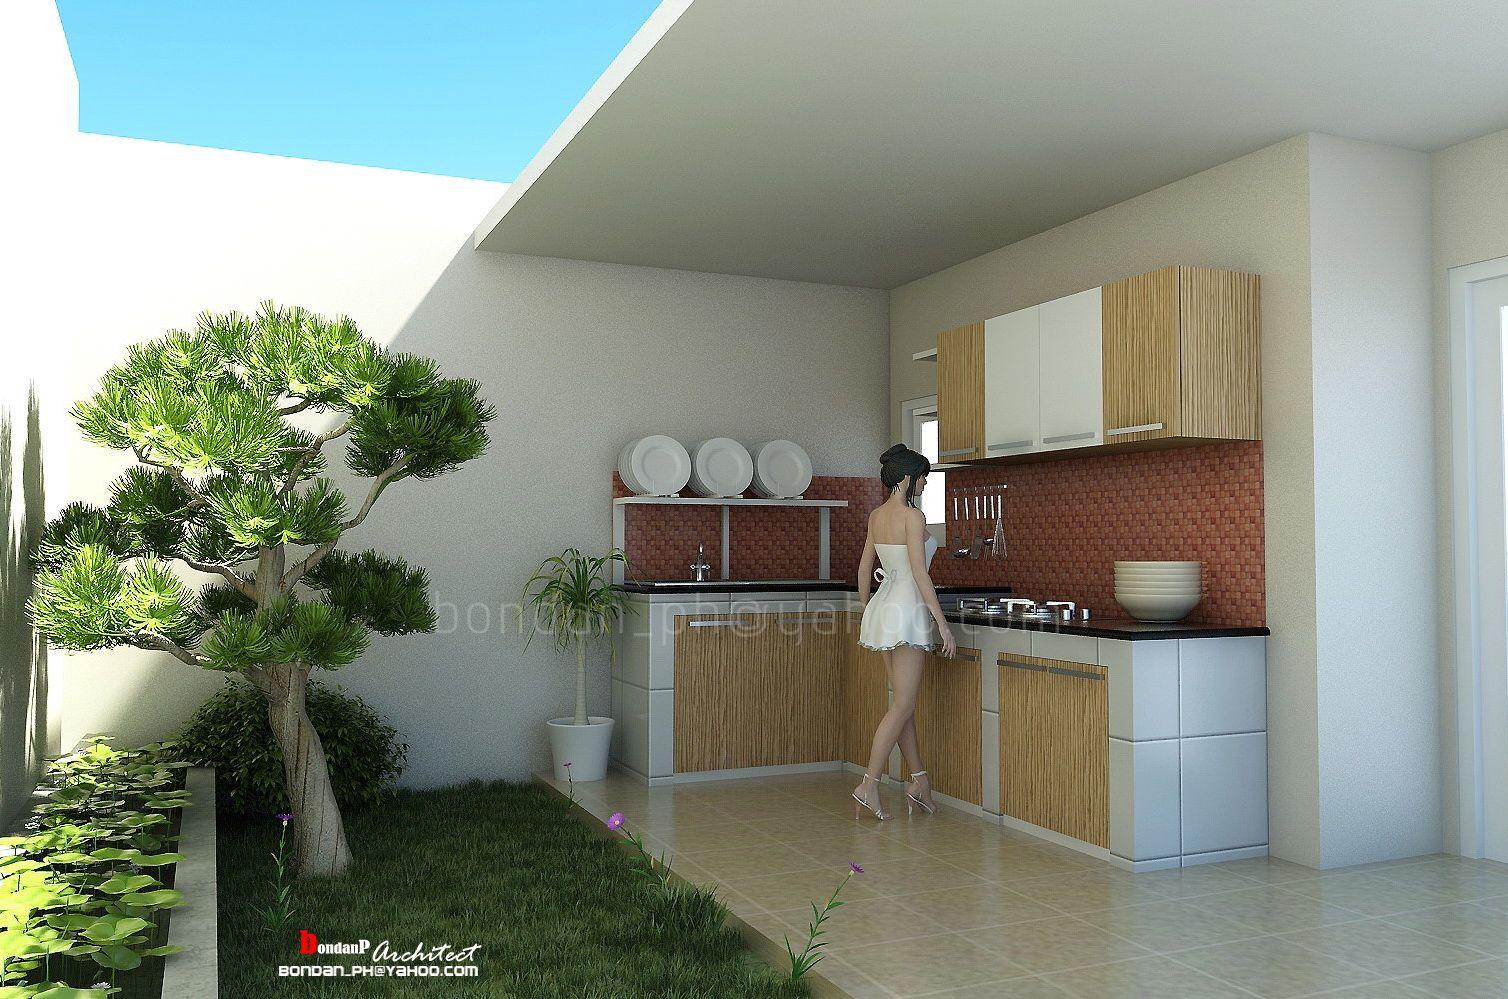 20 Desain Dapur Terbuka Di Halaman Belakang Rumah Halaman Belakang